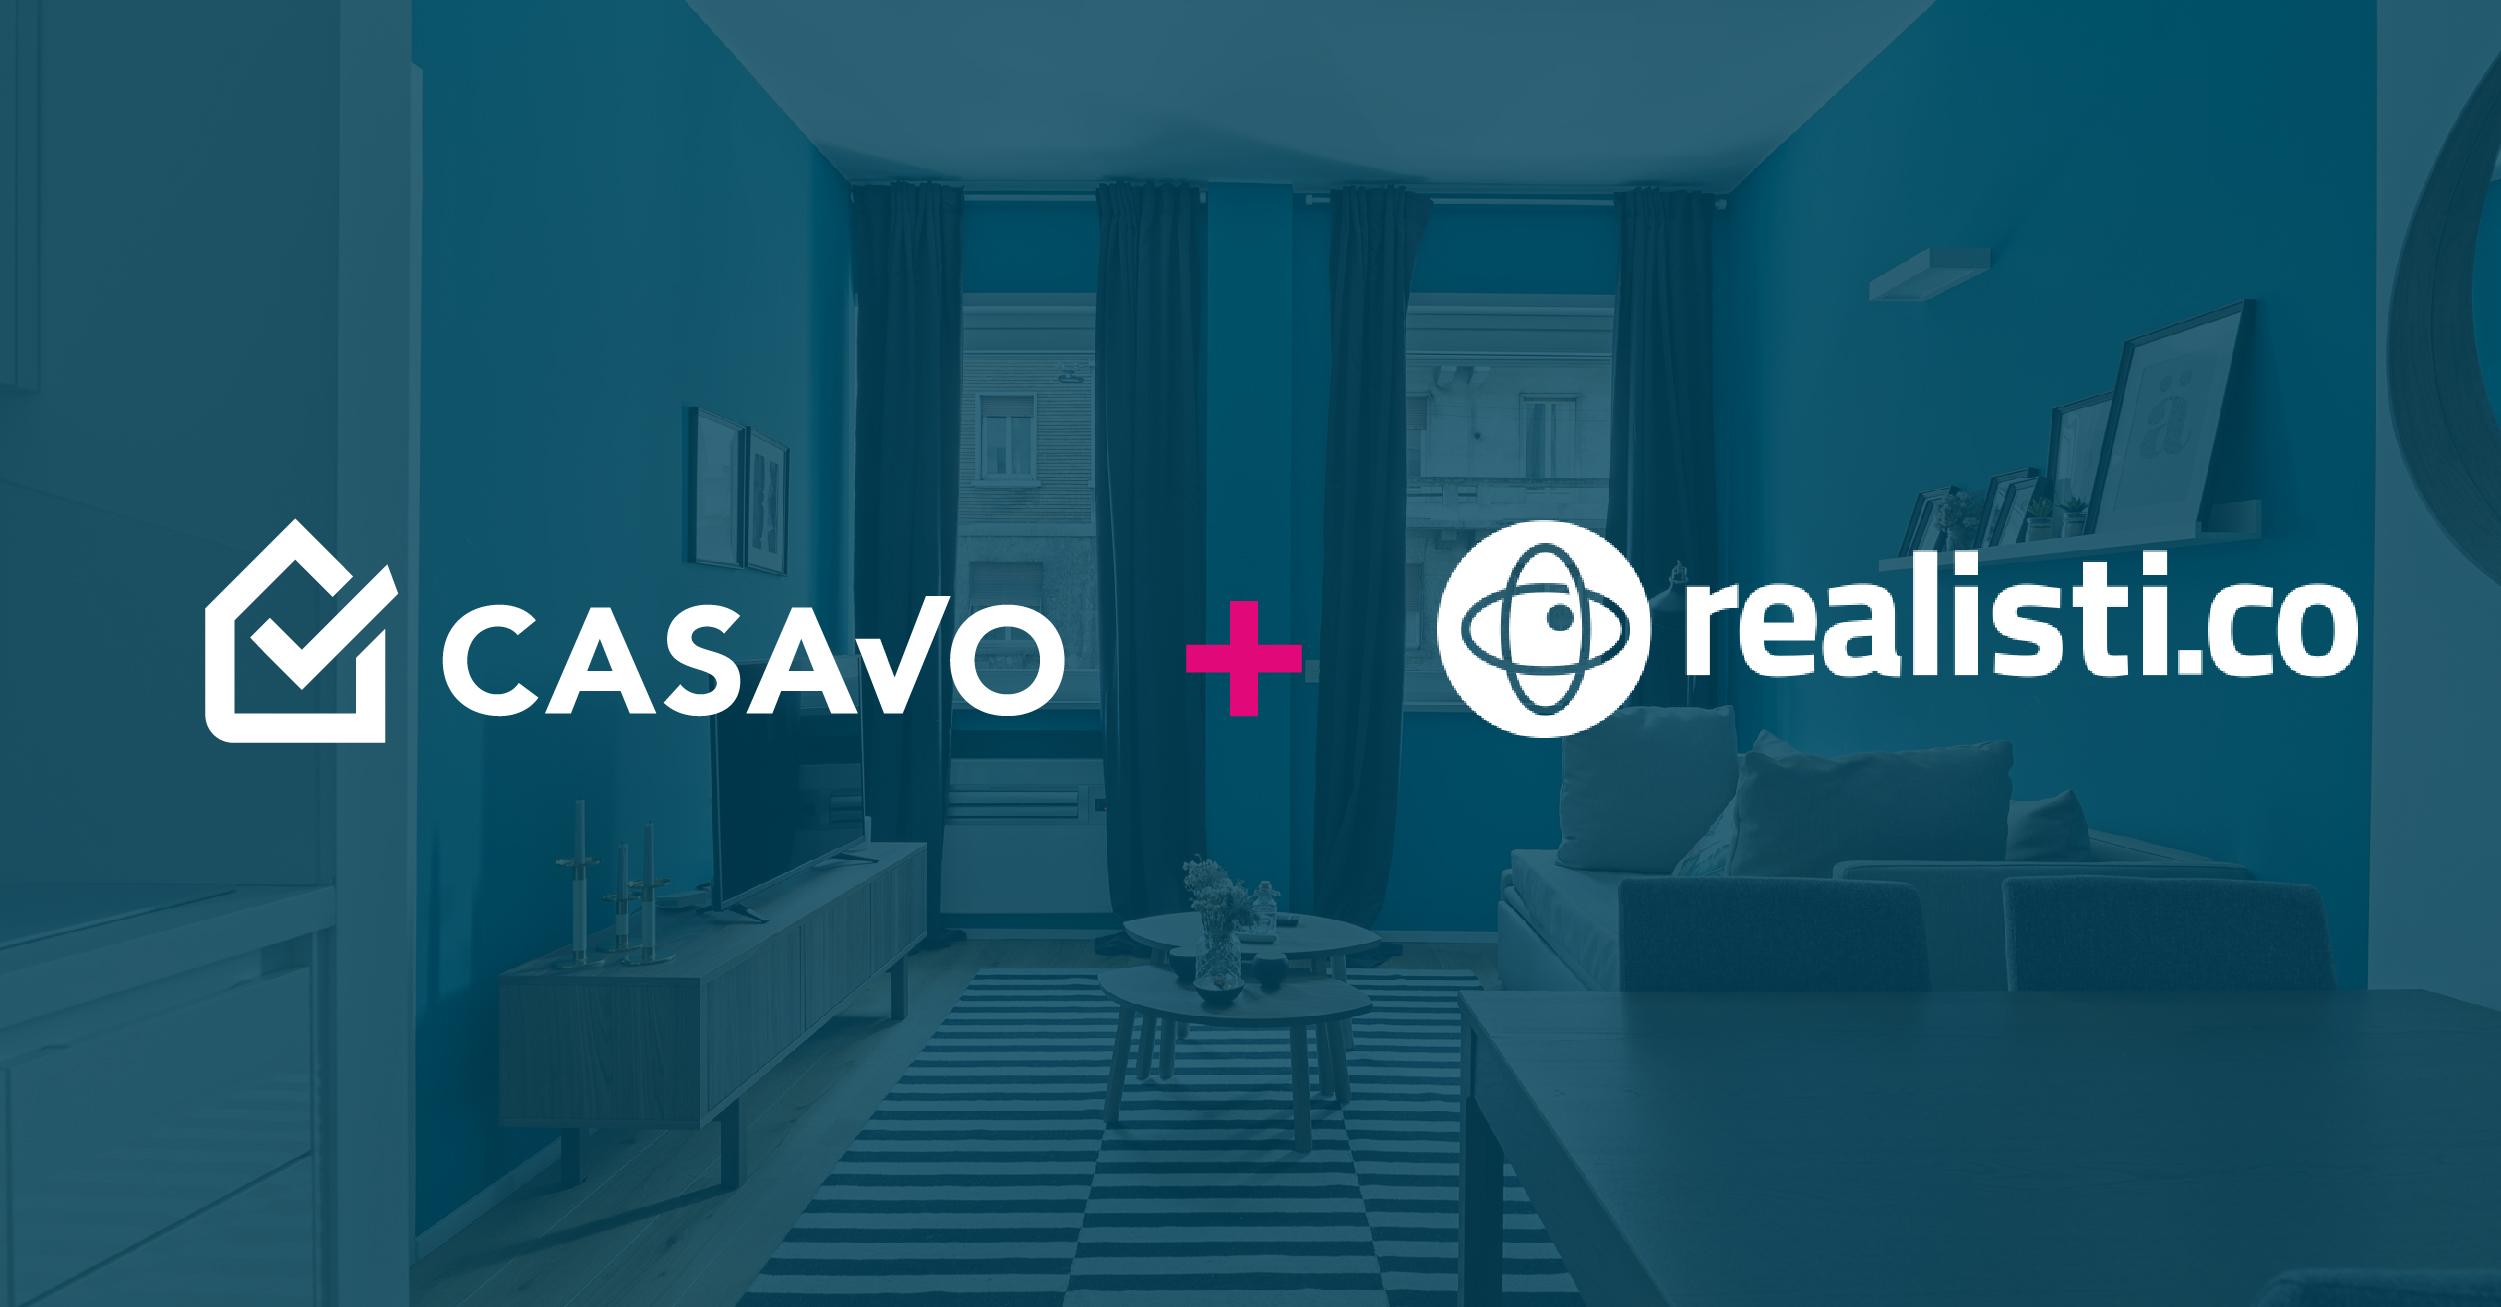 Nuevo impulso a la innovación con la adquisición de Realisti.co